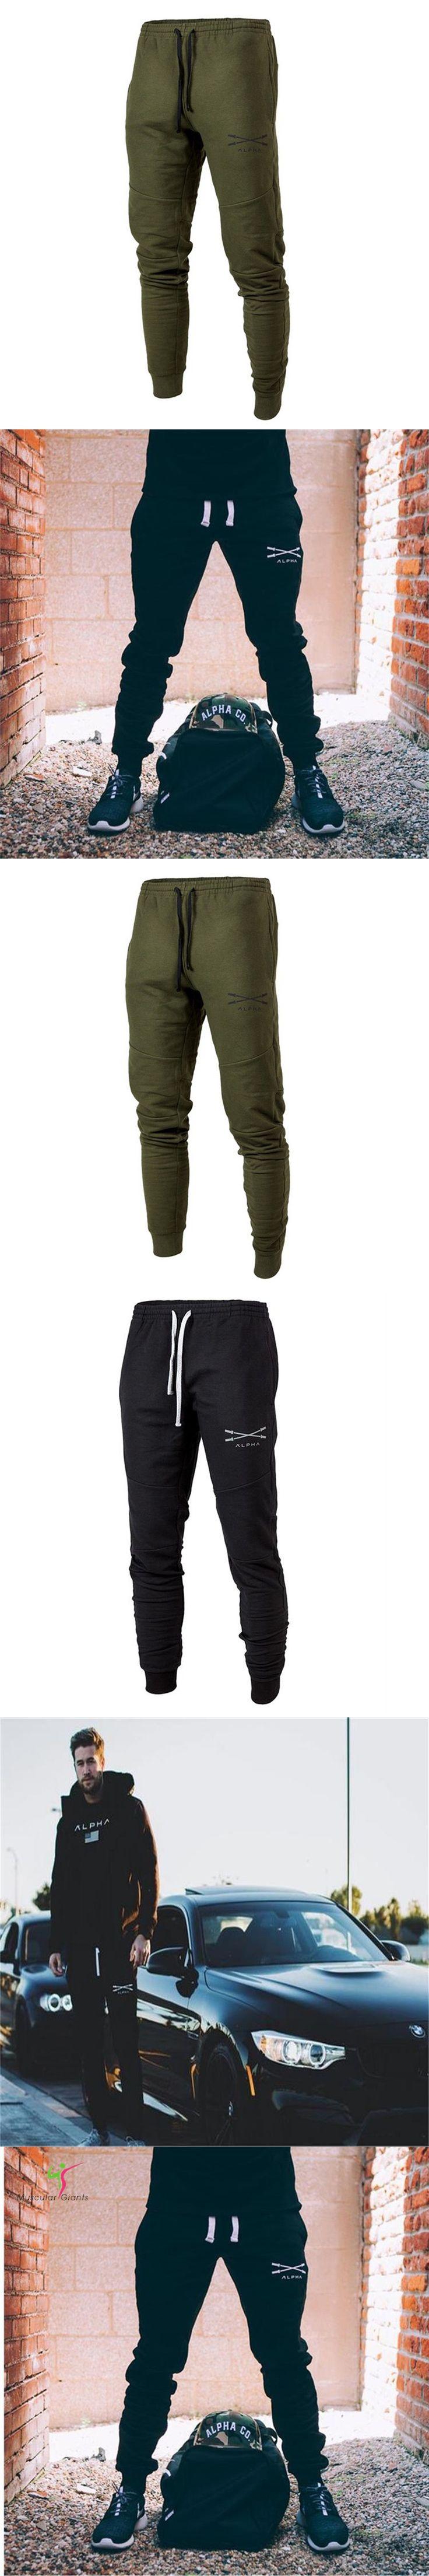 2017 Men Leisure Causal Trousers Slim Fit Hip Hop Harem Pants For Men Joggers Cotton Sweatpants Elastic Cuff Male Slacks